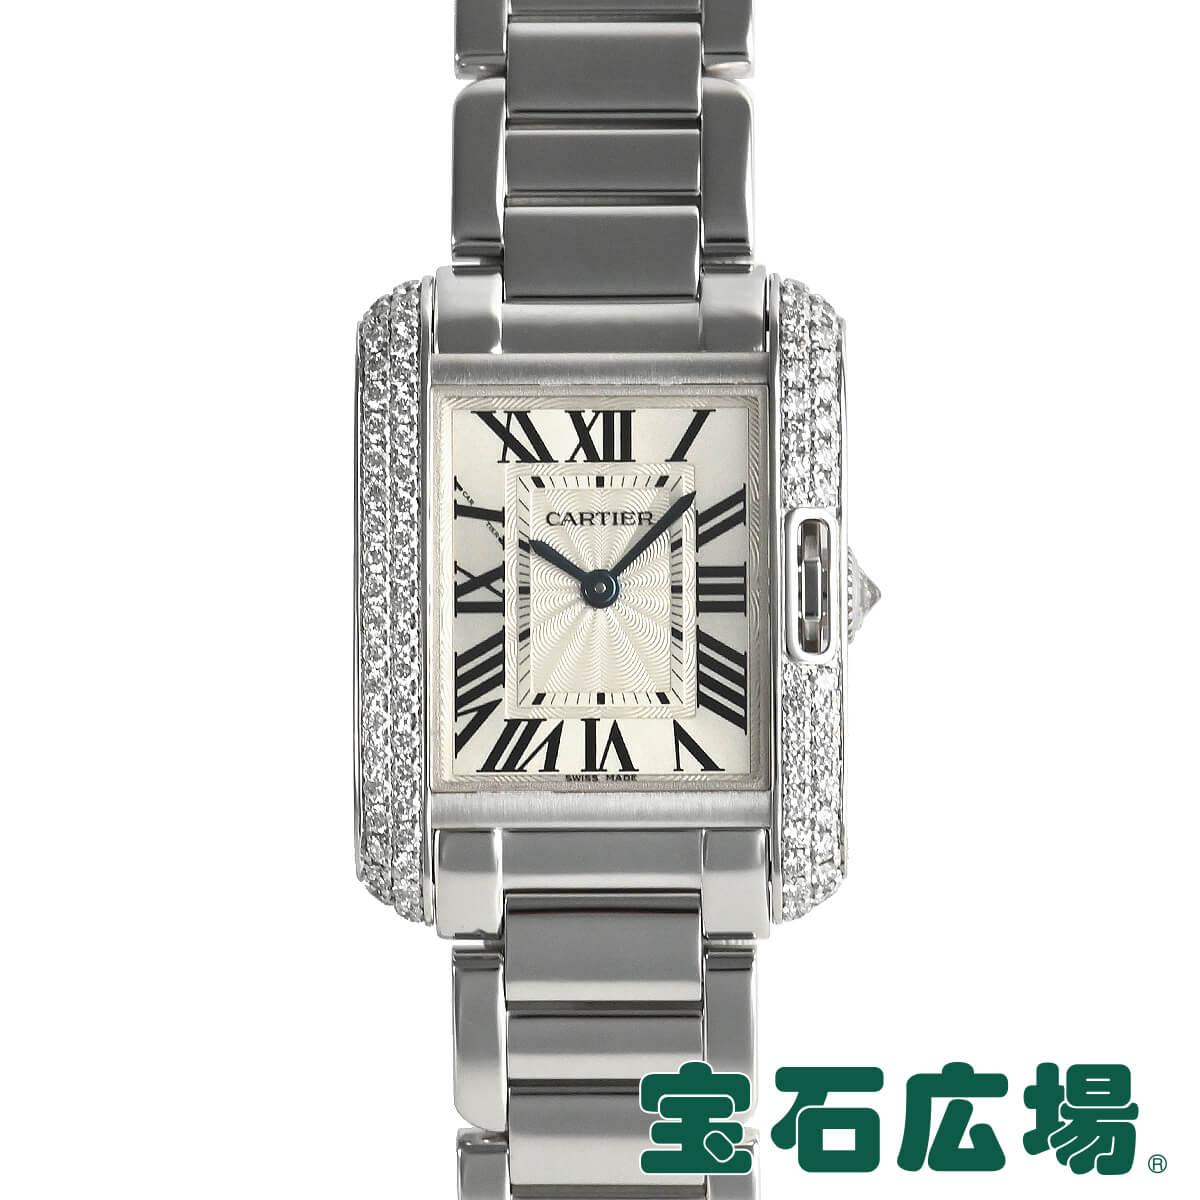 カルティエ CARTIER タンク アングレーズ WT100008【中古】レディース 腕時計 送料無料